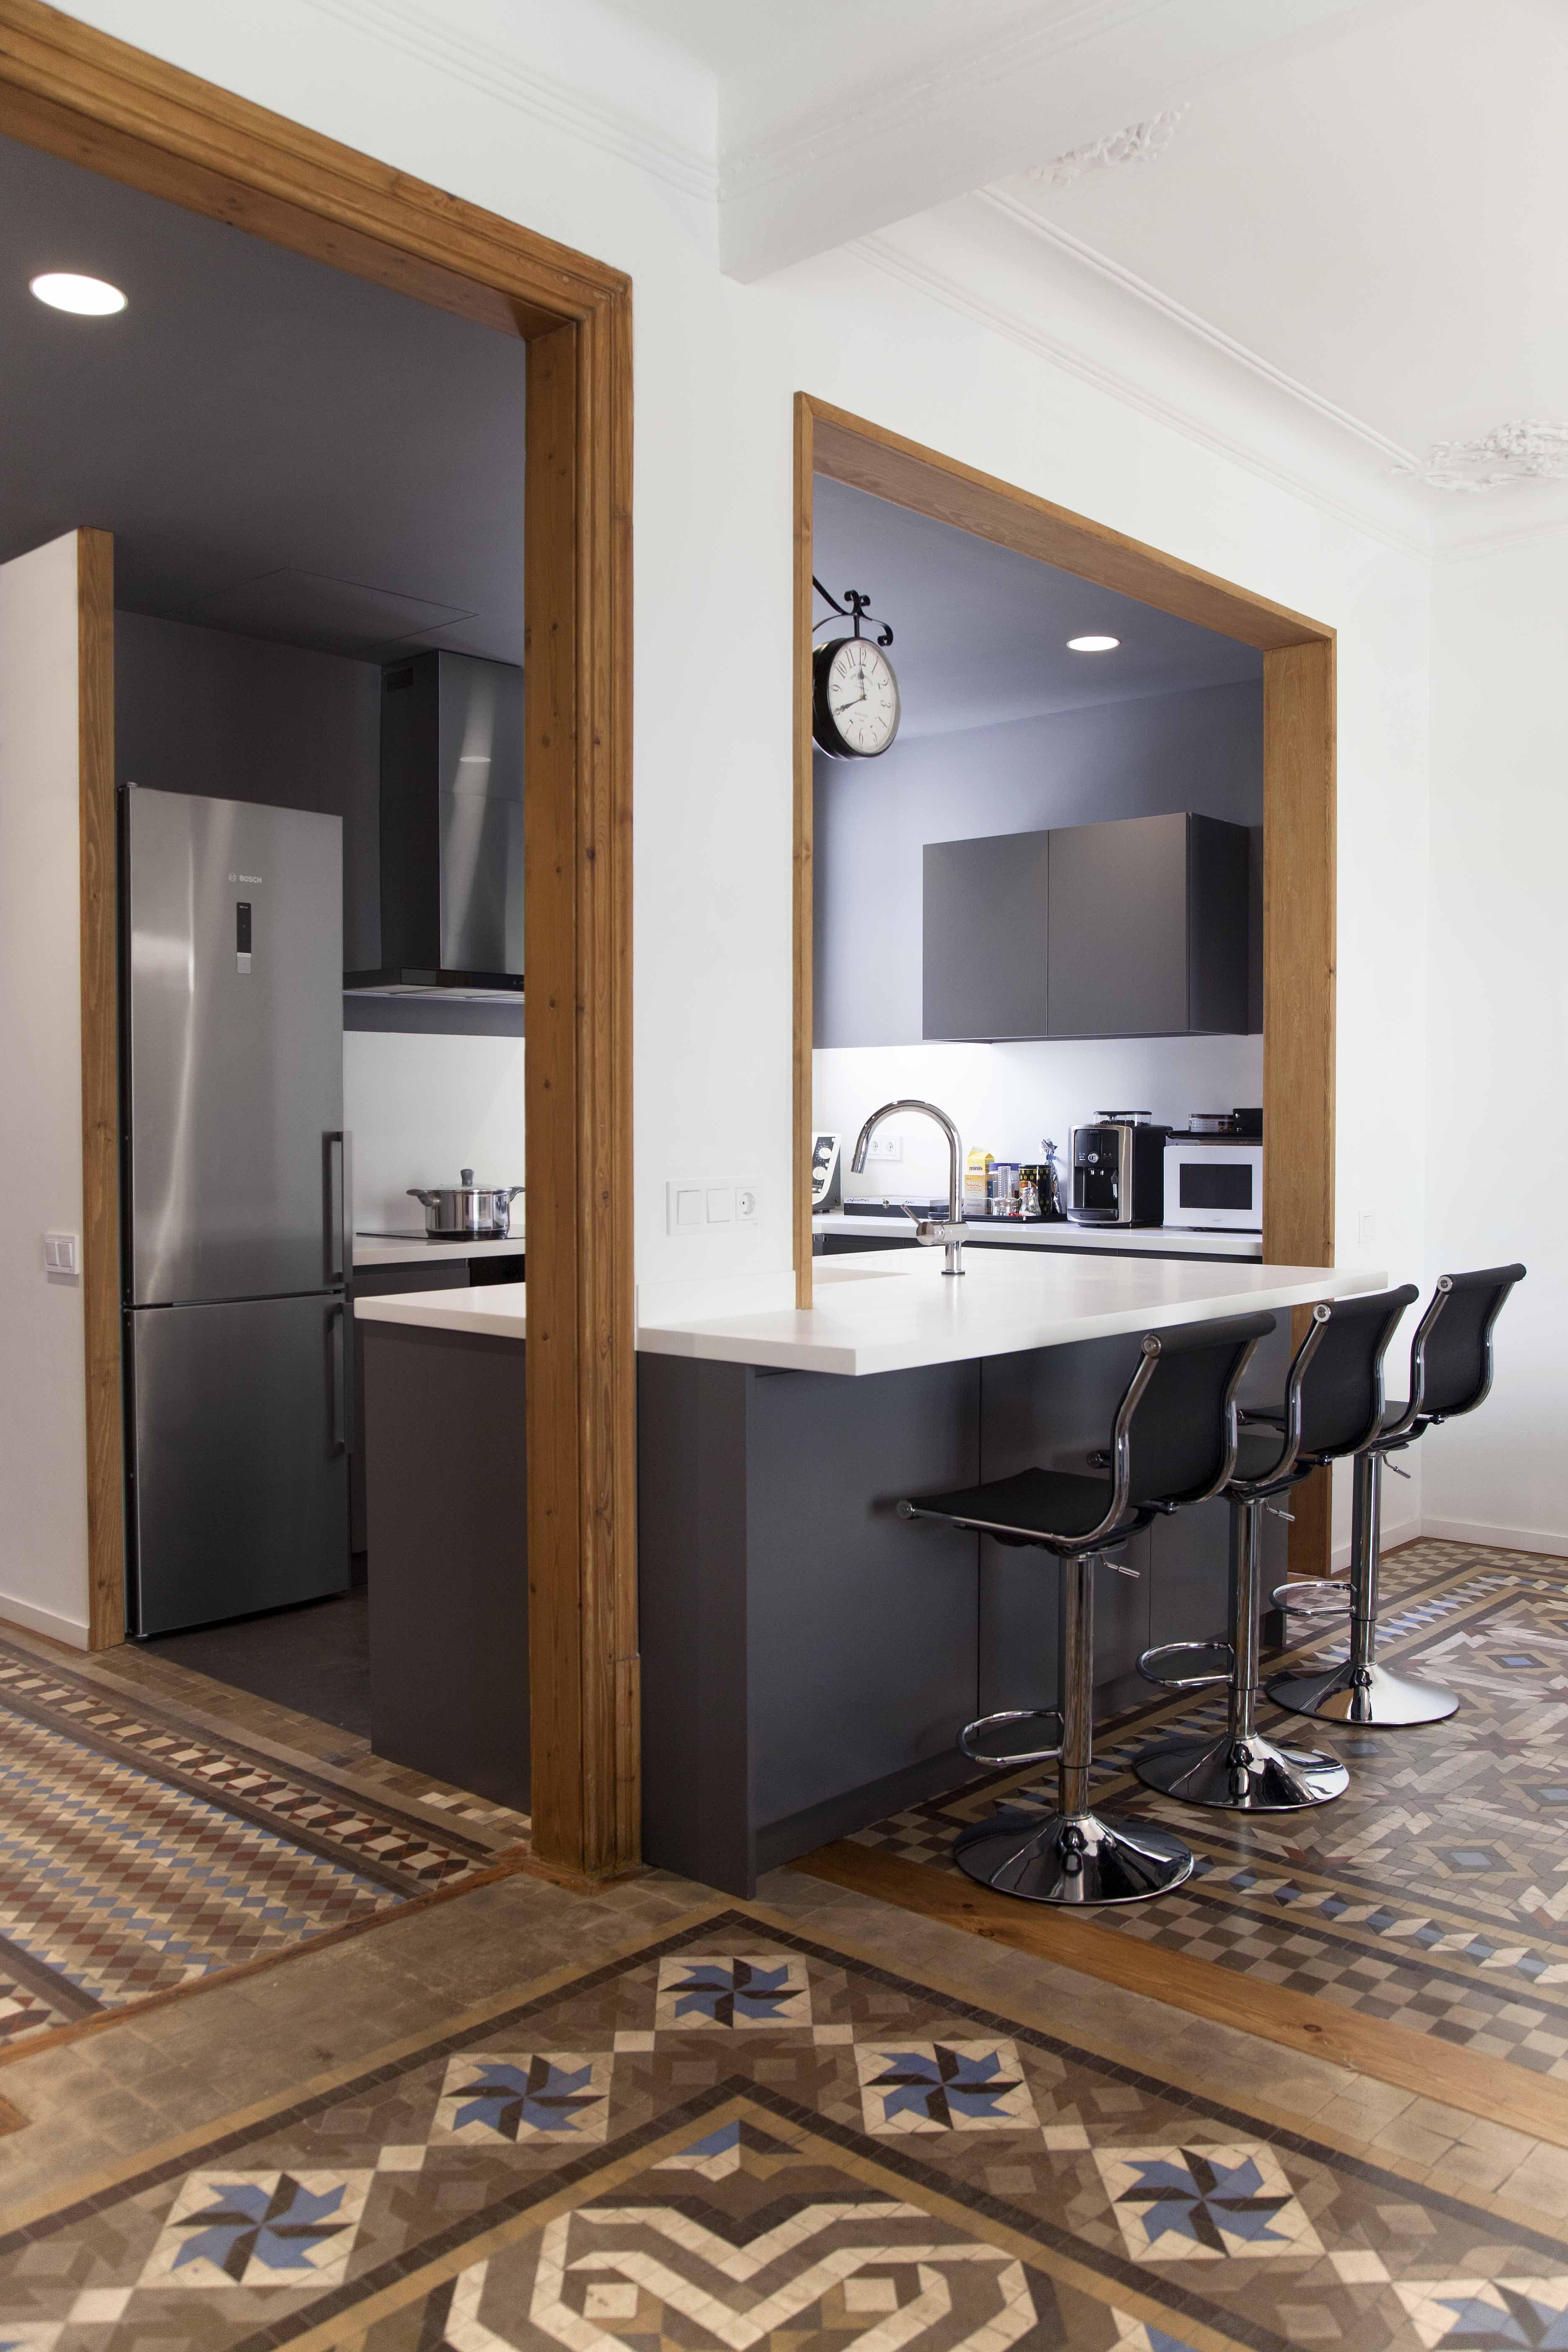 Cocina moderno decoracion via planreforma muebles de - Barras de bar para cocinas ...